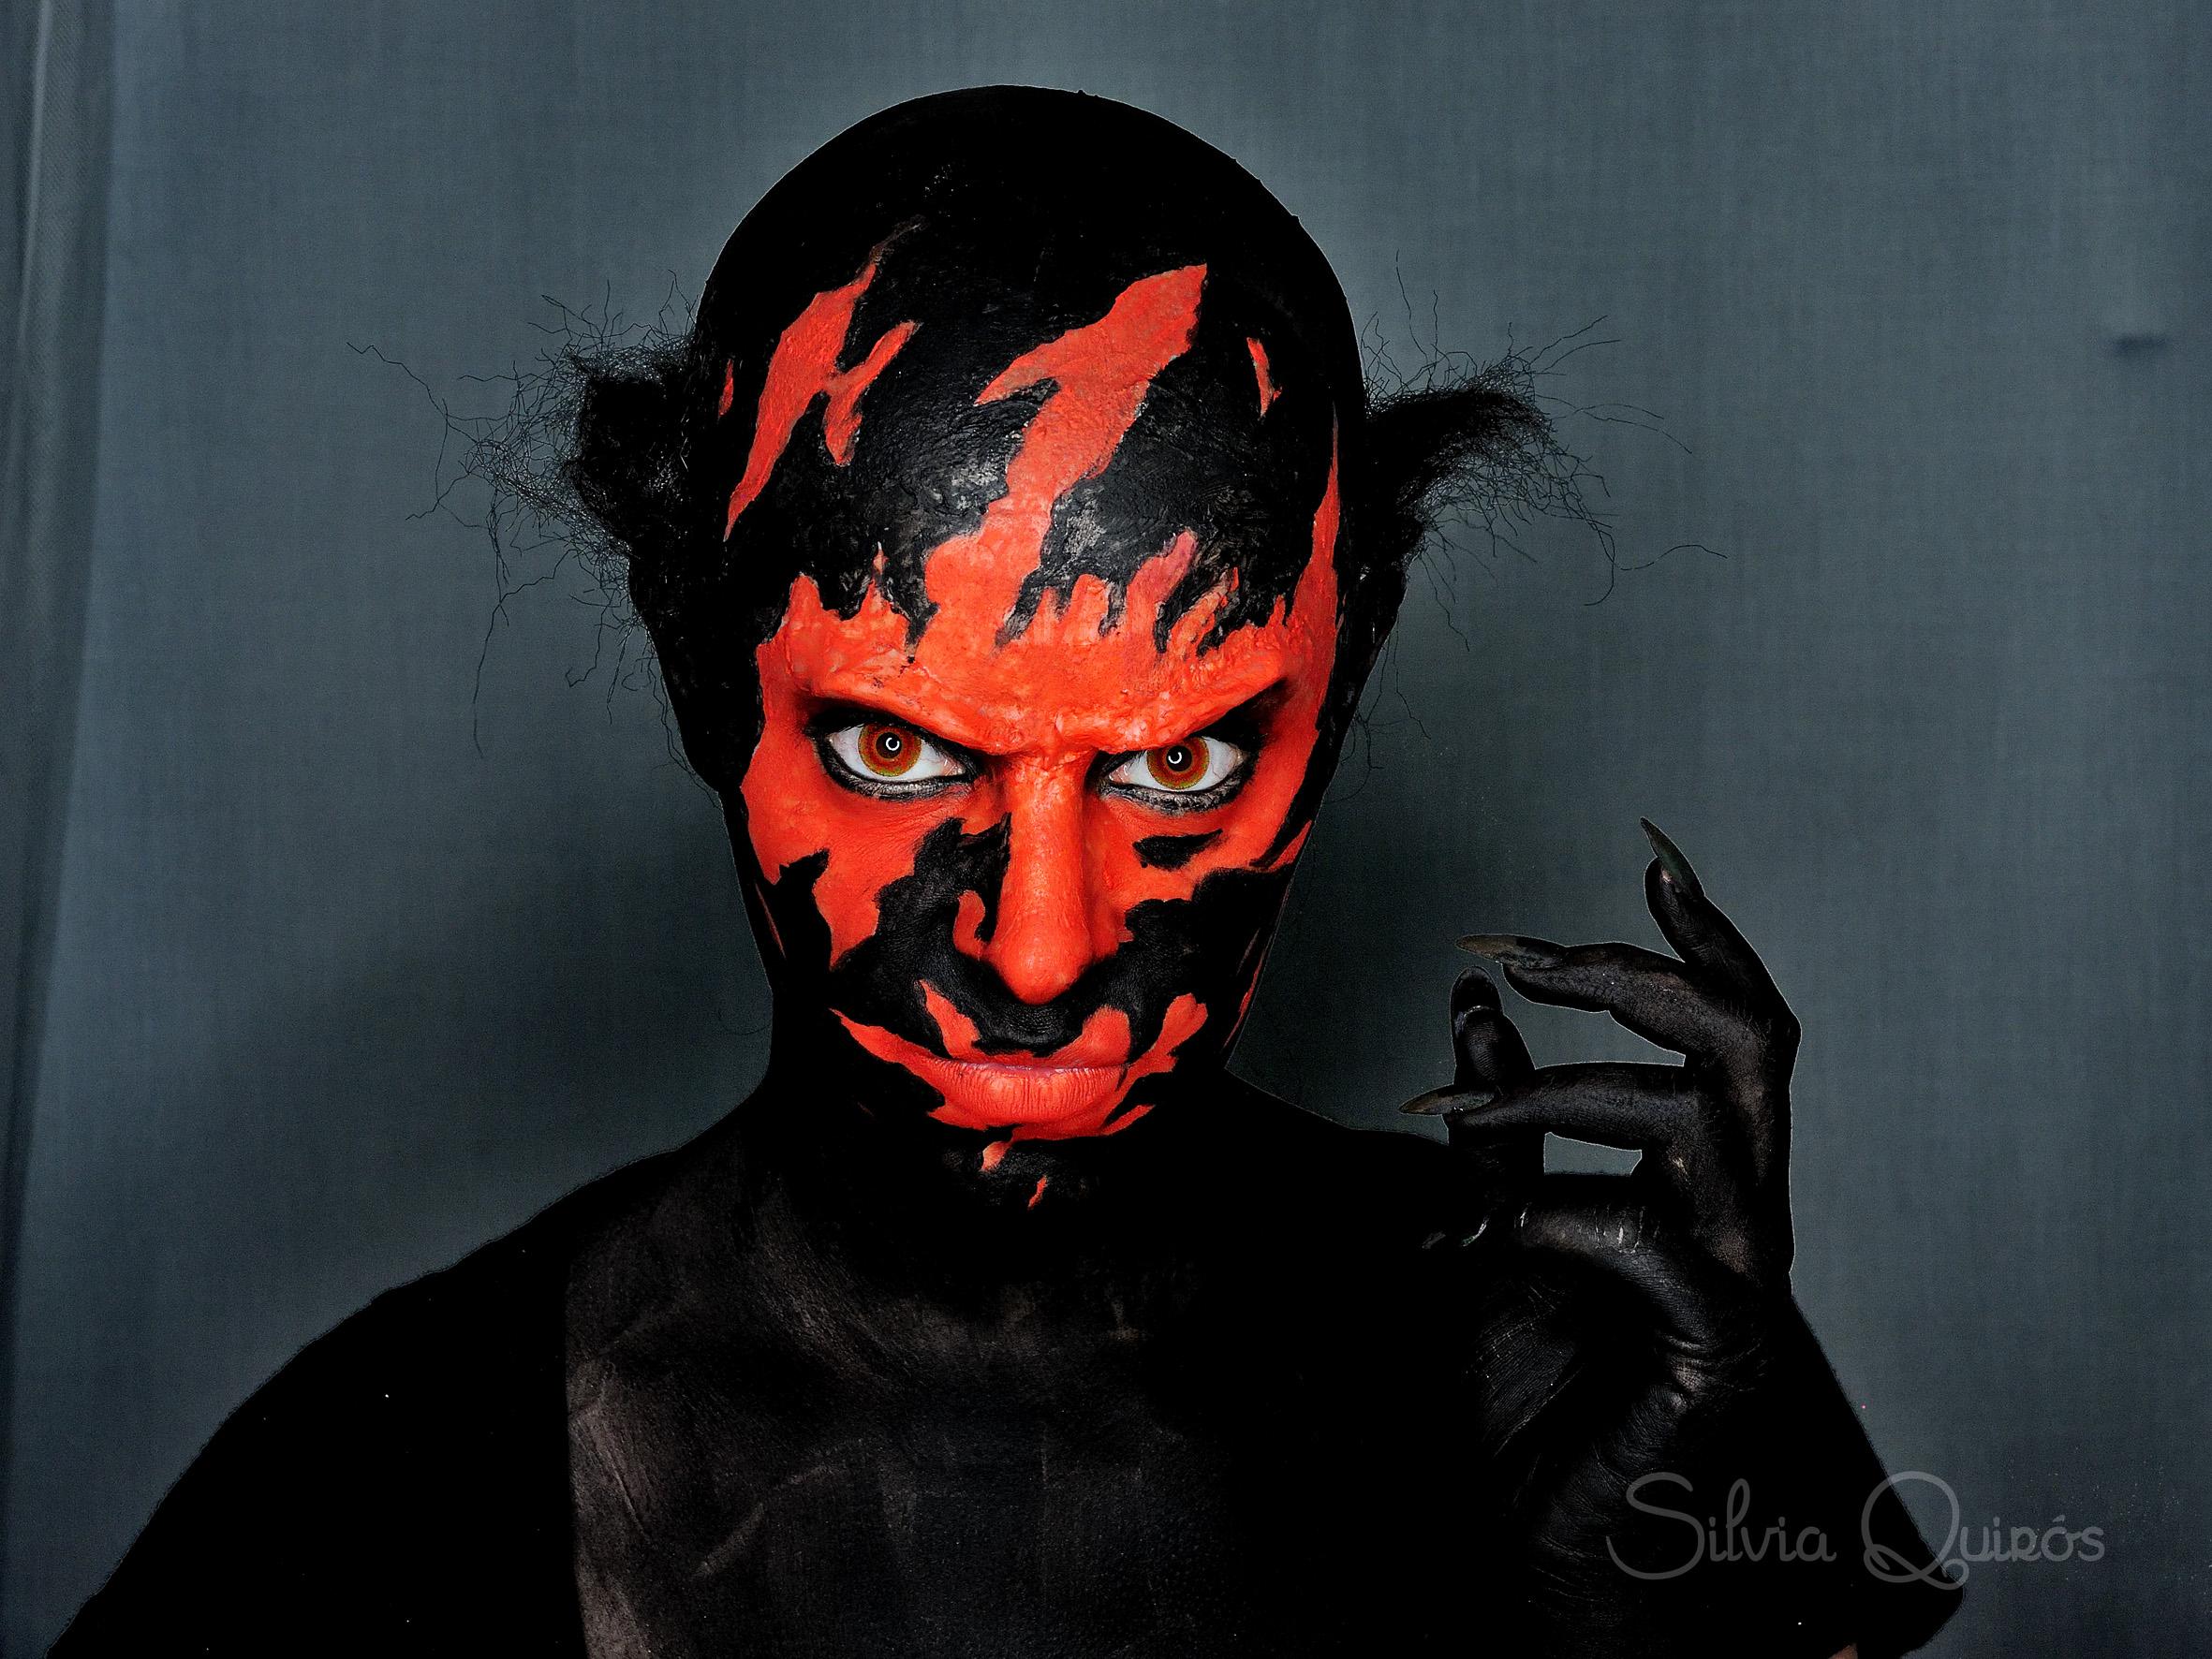 maquillaje demonio insidious 3 - Maquillaje Demonio